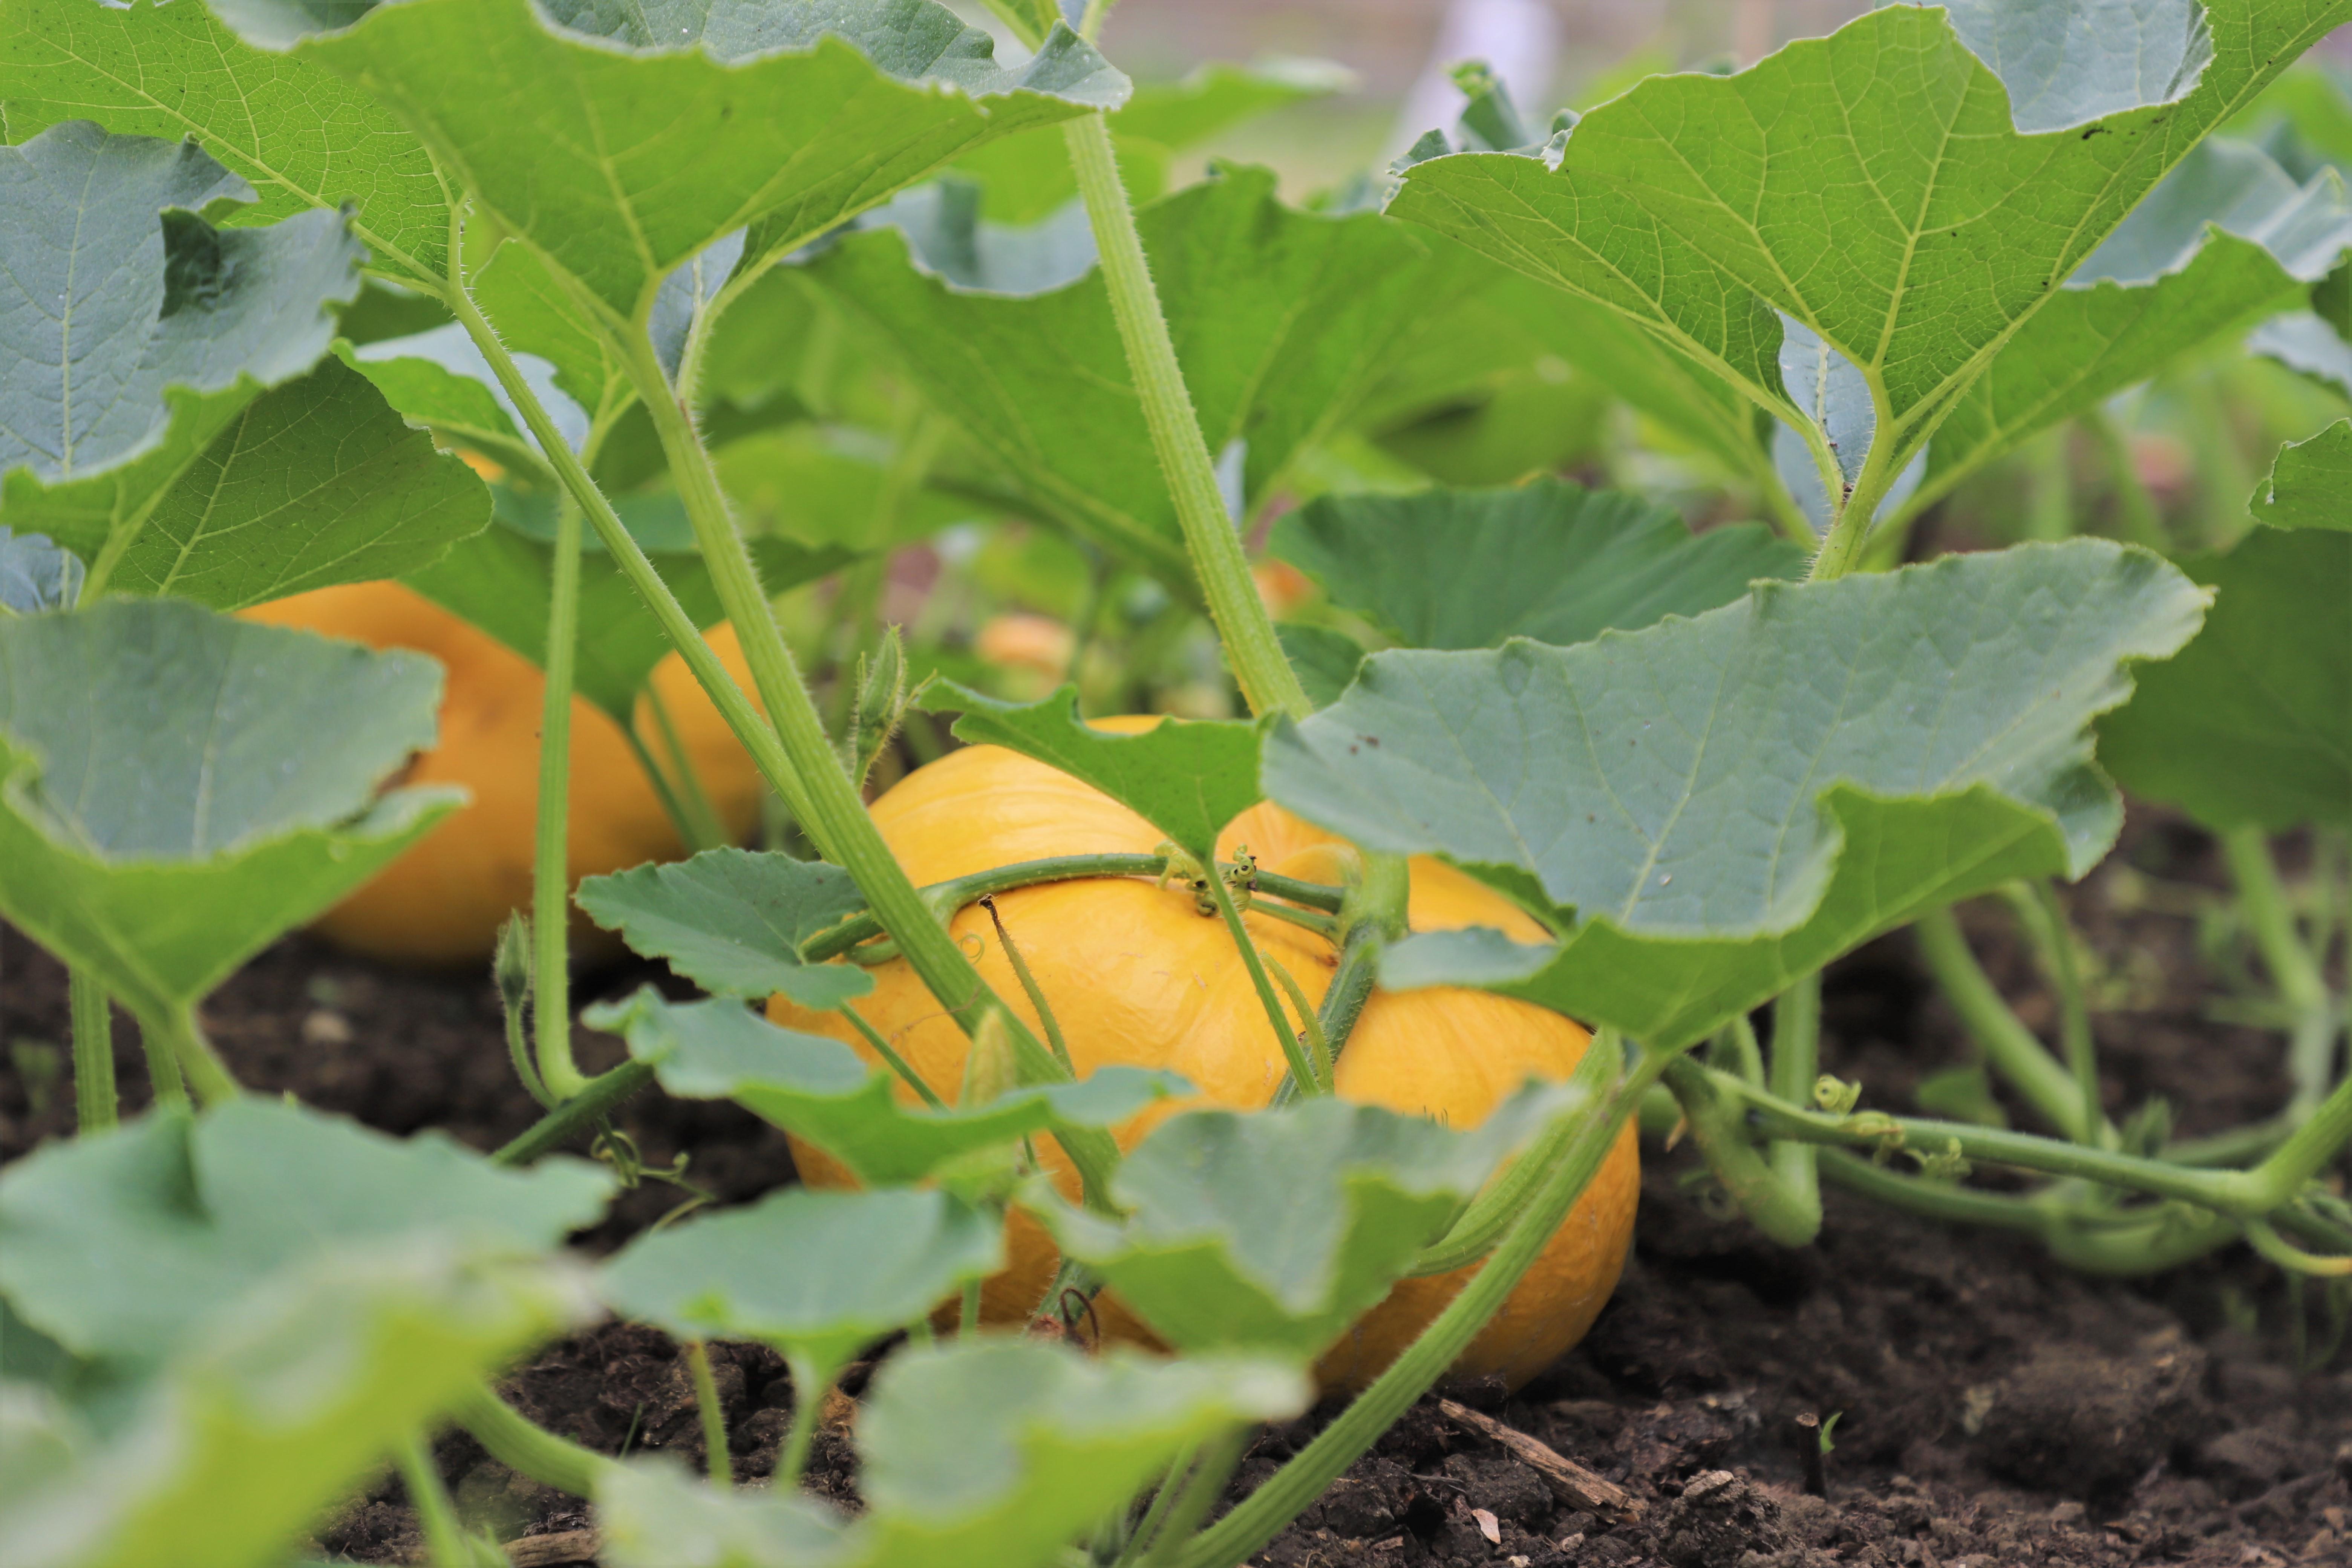 pumpkin patch, pumpkins, pumpkin